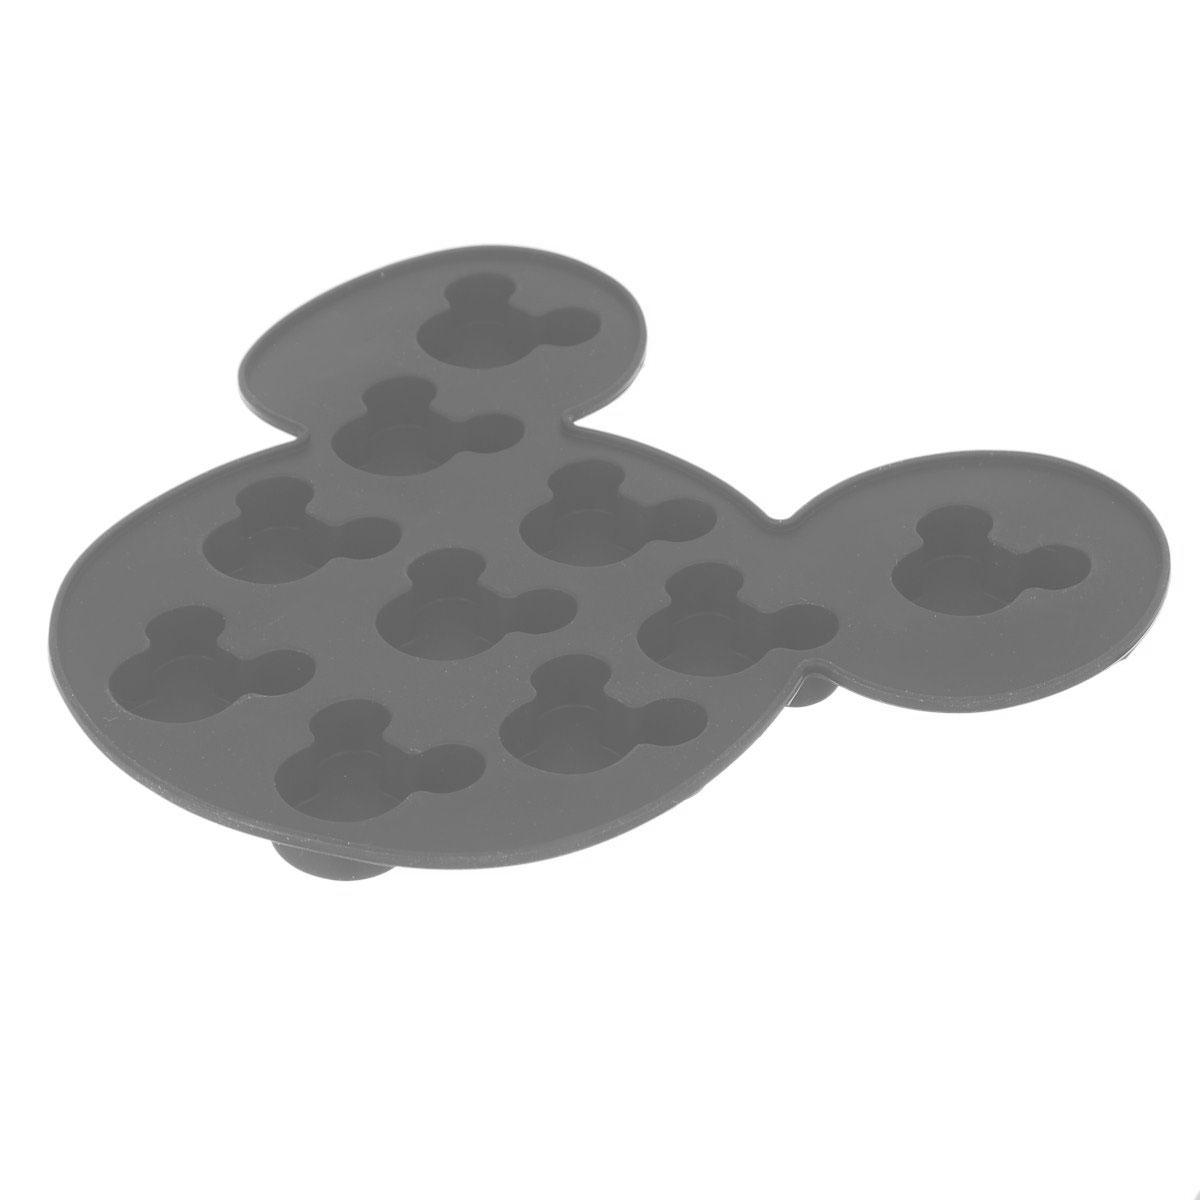 Форма для льда Disney Микки Маус, цвет: серый, 10 ячеекFA-5125 WhiteФорма Disney Микки Маус выполнена из высококачественного пищевого силикона и предназначена для изготовления шоколада, конфет, мармелада, желе, льда и выпечки. На одном листе расположено 10 ячеек в виде мордочек Микки Мауса. Благодаря тому, что форма изготовлена из силикона, готовый десерт вынимать легко и просто. Силиконовые формы выдерживают высокие и низкие температуры (от -40°С до +230°С). Они эластичны, износостойки, легко моются, не горят и не тлеют, не впитывают запахи, не оставляют пятен. Силикон абсолютно безвреден для здоровья. Чтобы достать льдинки, эту форму не нужно держать под теплой водой или использовать нож. Можно использовать в микроволновой печи, мыть в посудомоечной машине и хранить в холодильнике.Упаковка содержит описание рецептов ягодного льда и шоколадных конфет.Общий размер формы: 16 х 15 х 1,5 см. Количество ячеек: 10 шт.Размер ячеек: 3 х 2,5 х 1 см.